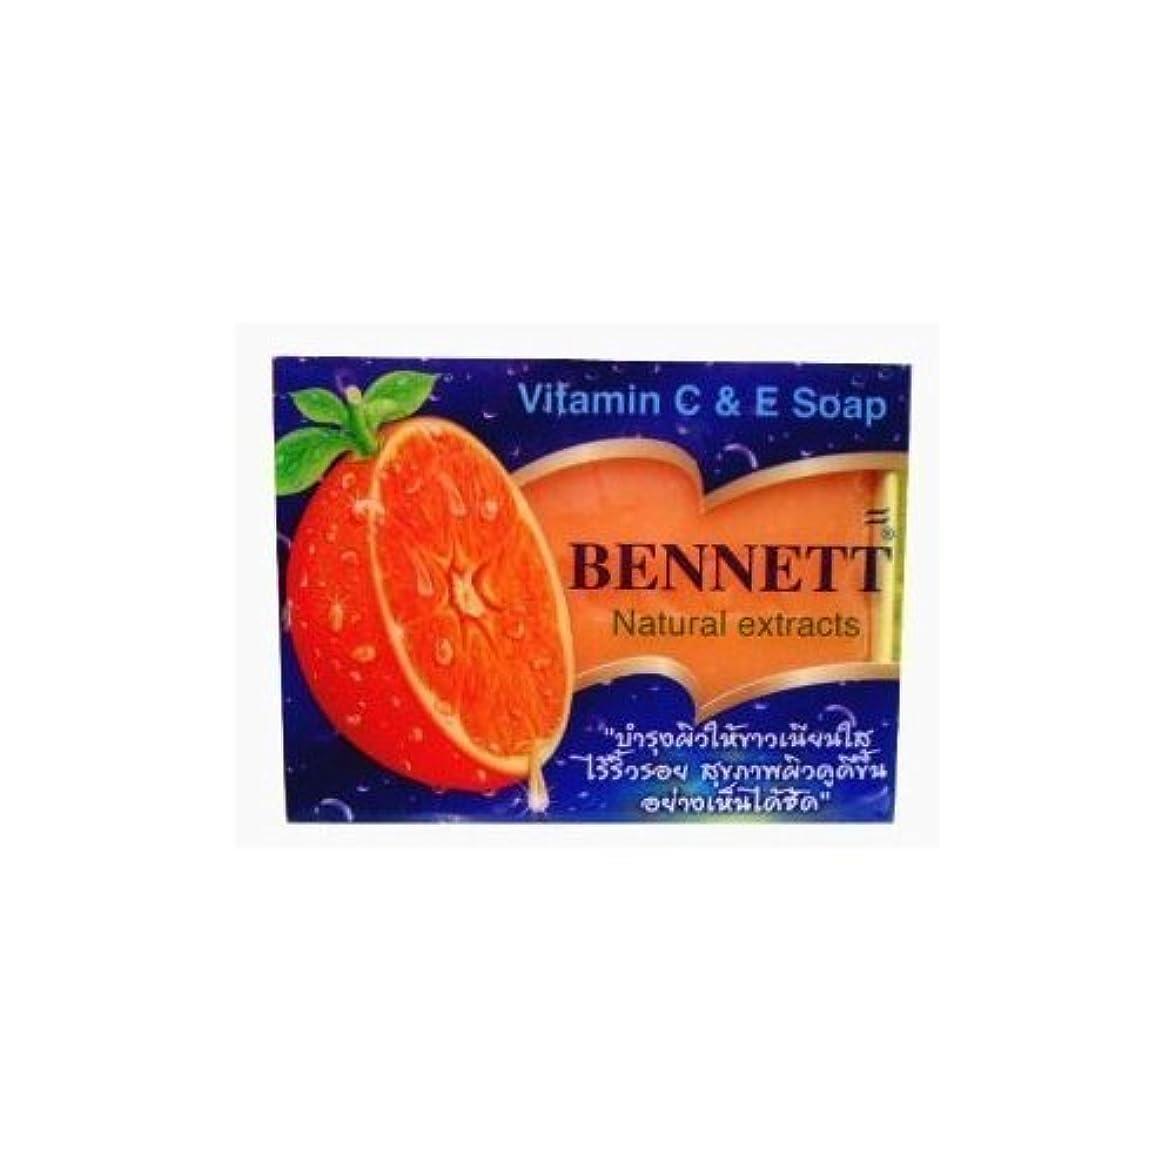 配送ハリケーン演劇High Vitamin Fruit Extract Body and Face Bar Spa Soap 4.59 0z, Enriched Vitamin C & E Skin Smooth & Anti Acne...